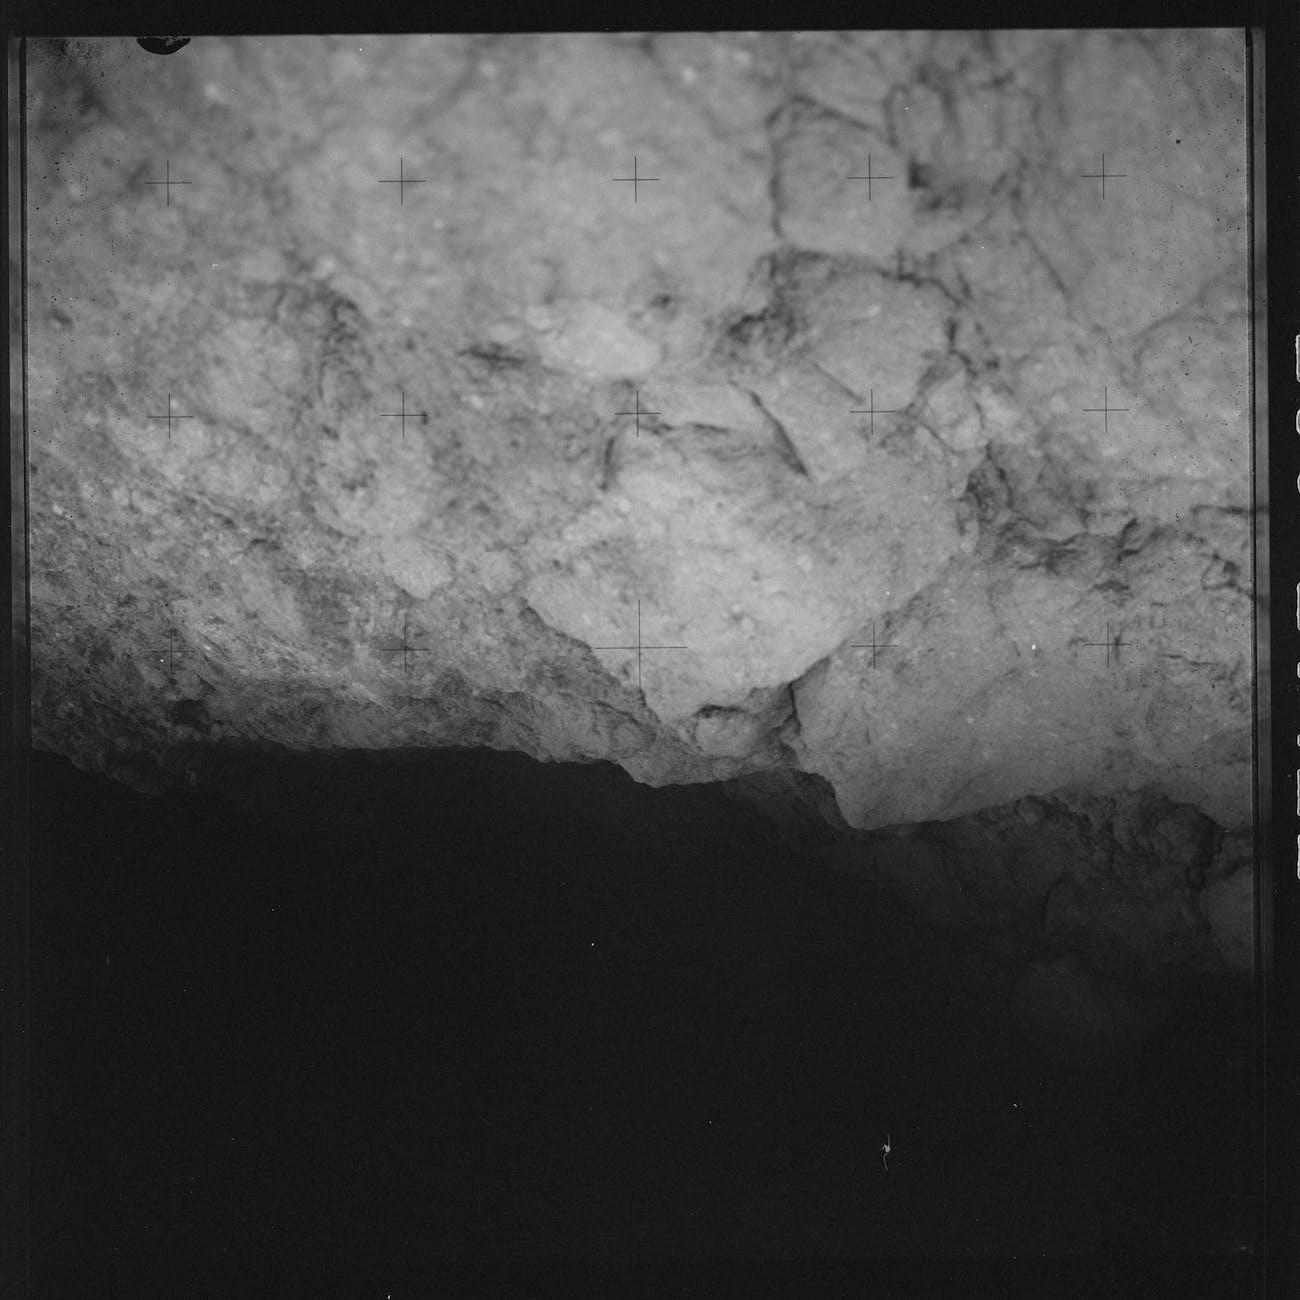 Lunar Rocks Moon Rocks Alien Life